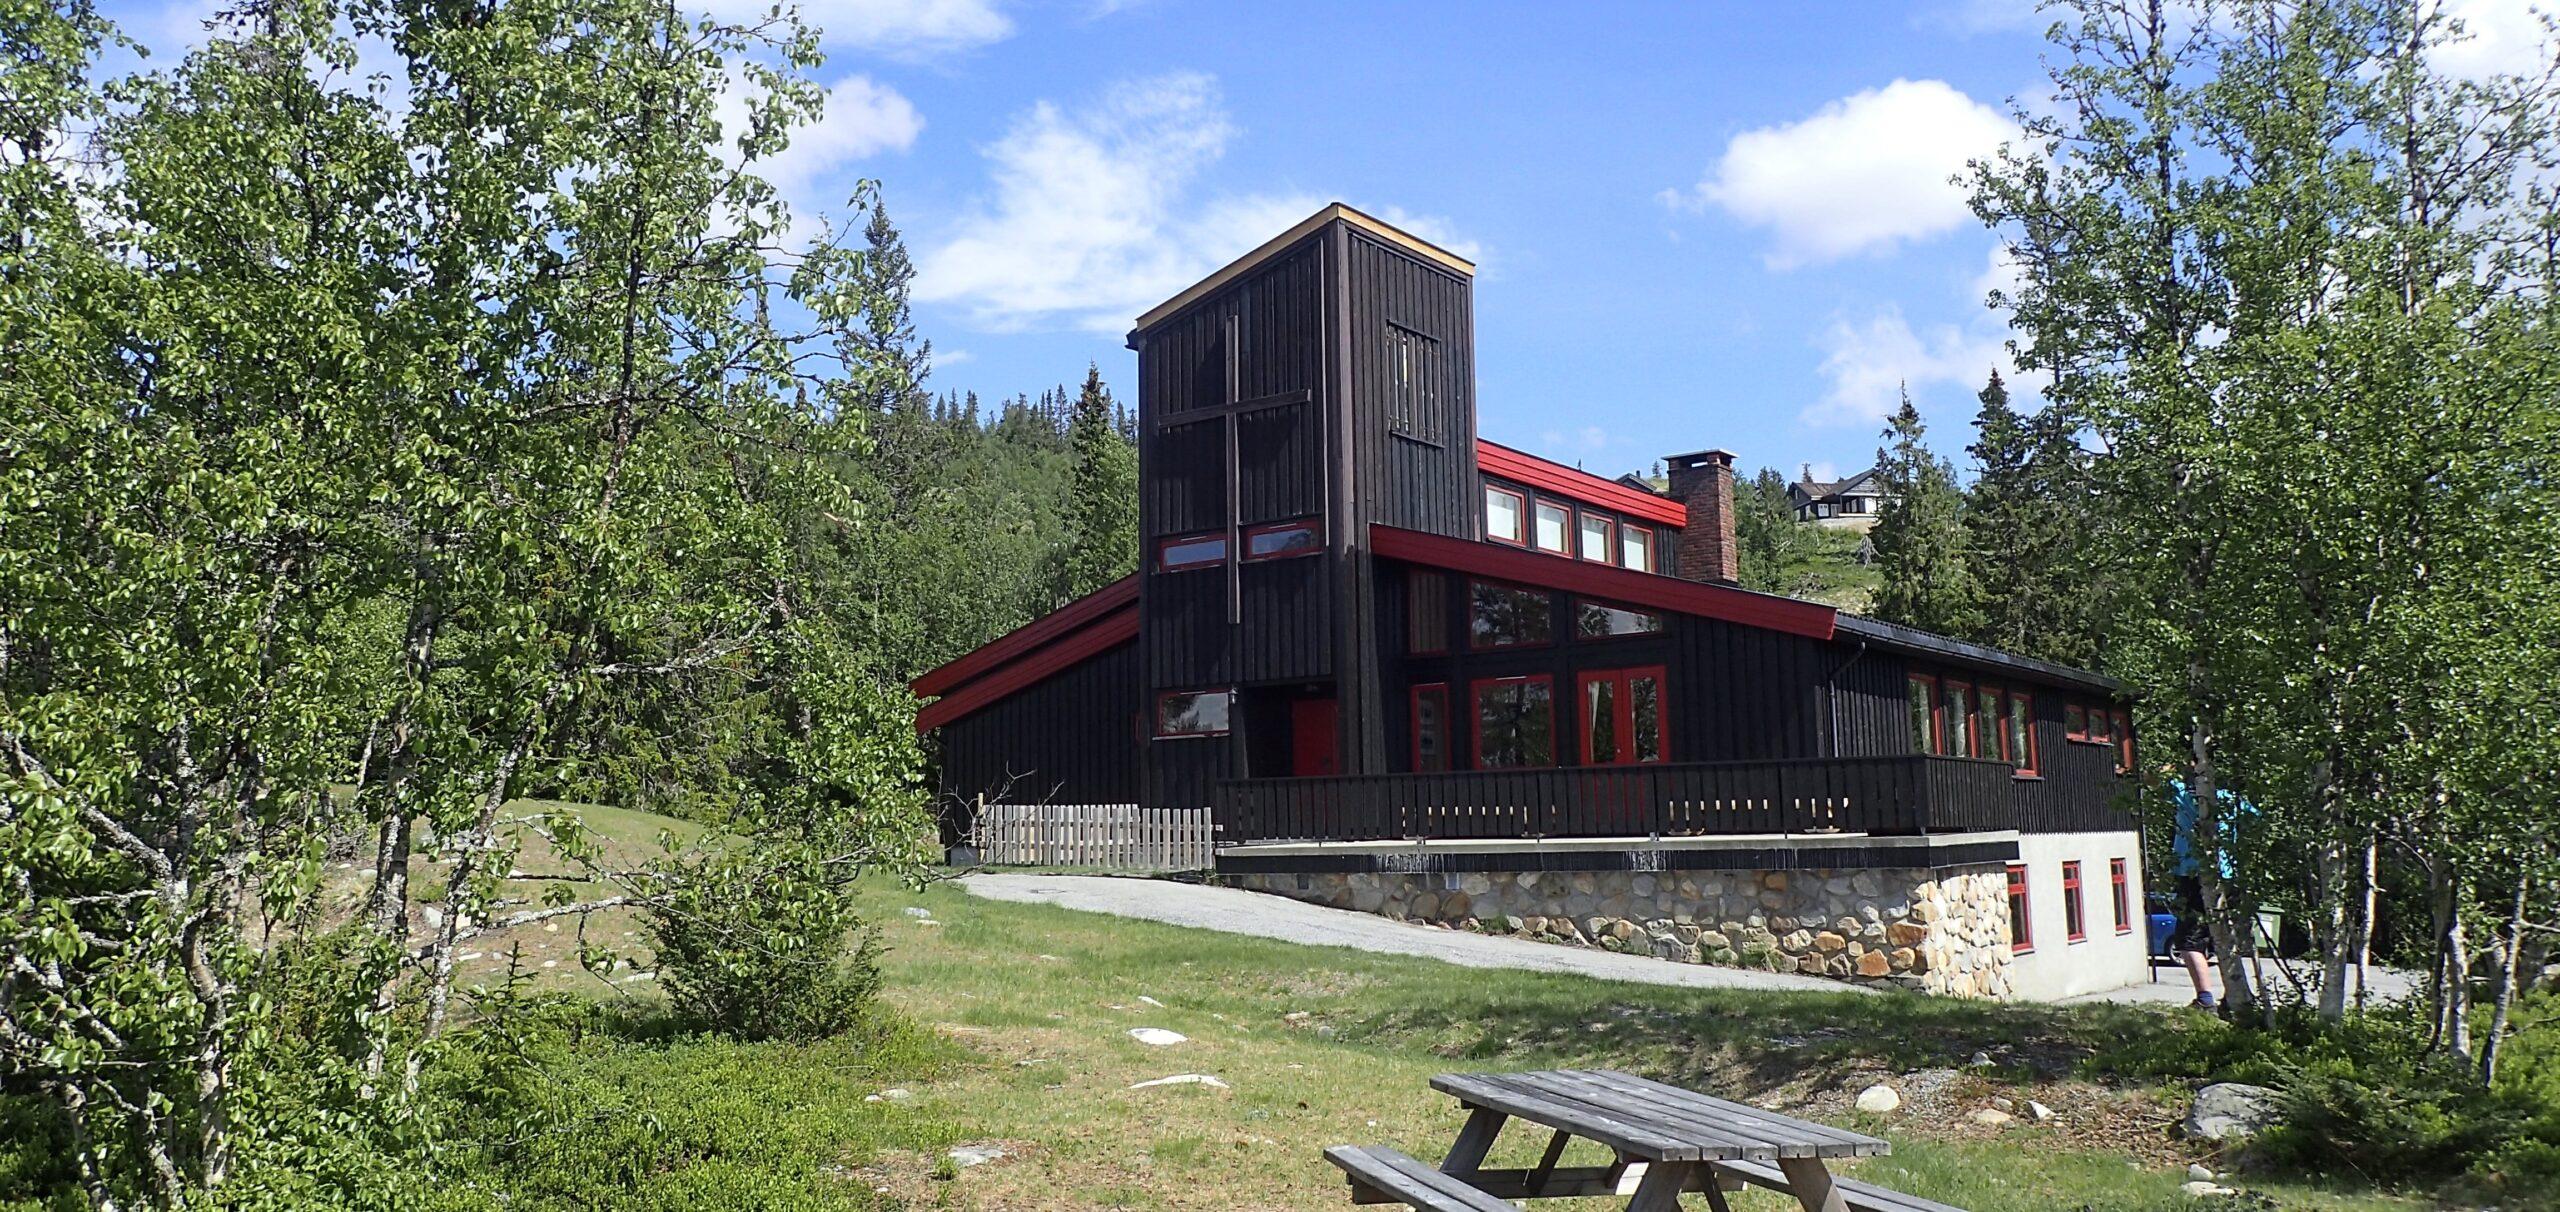 Skirva Fjellkyrkje